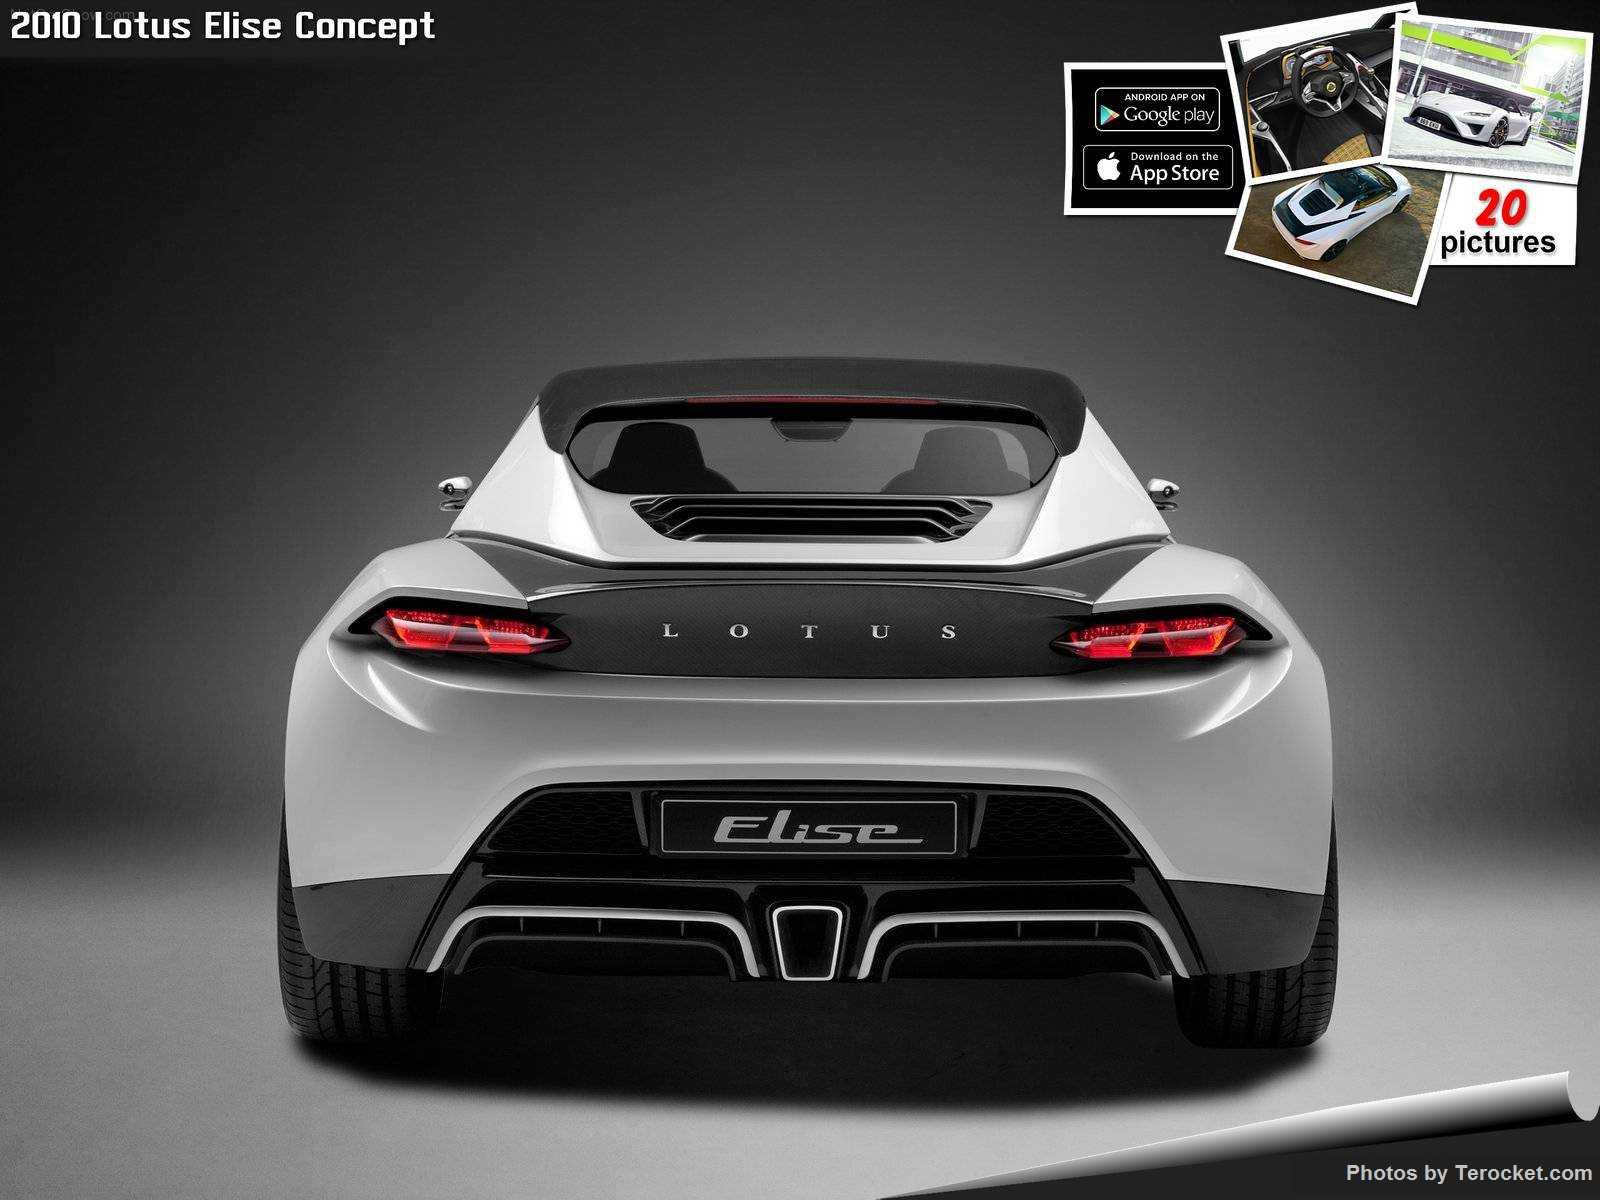 Hình ảnh siêu xe Lotus Elise Concept 2010 & nội ngoại thất